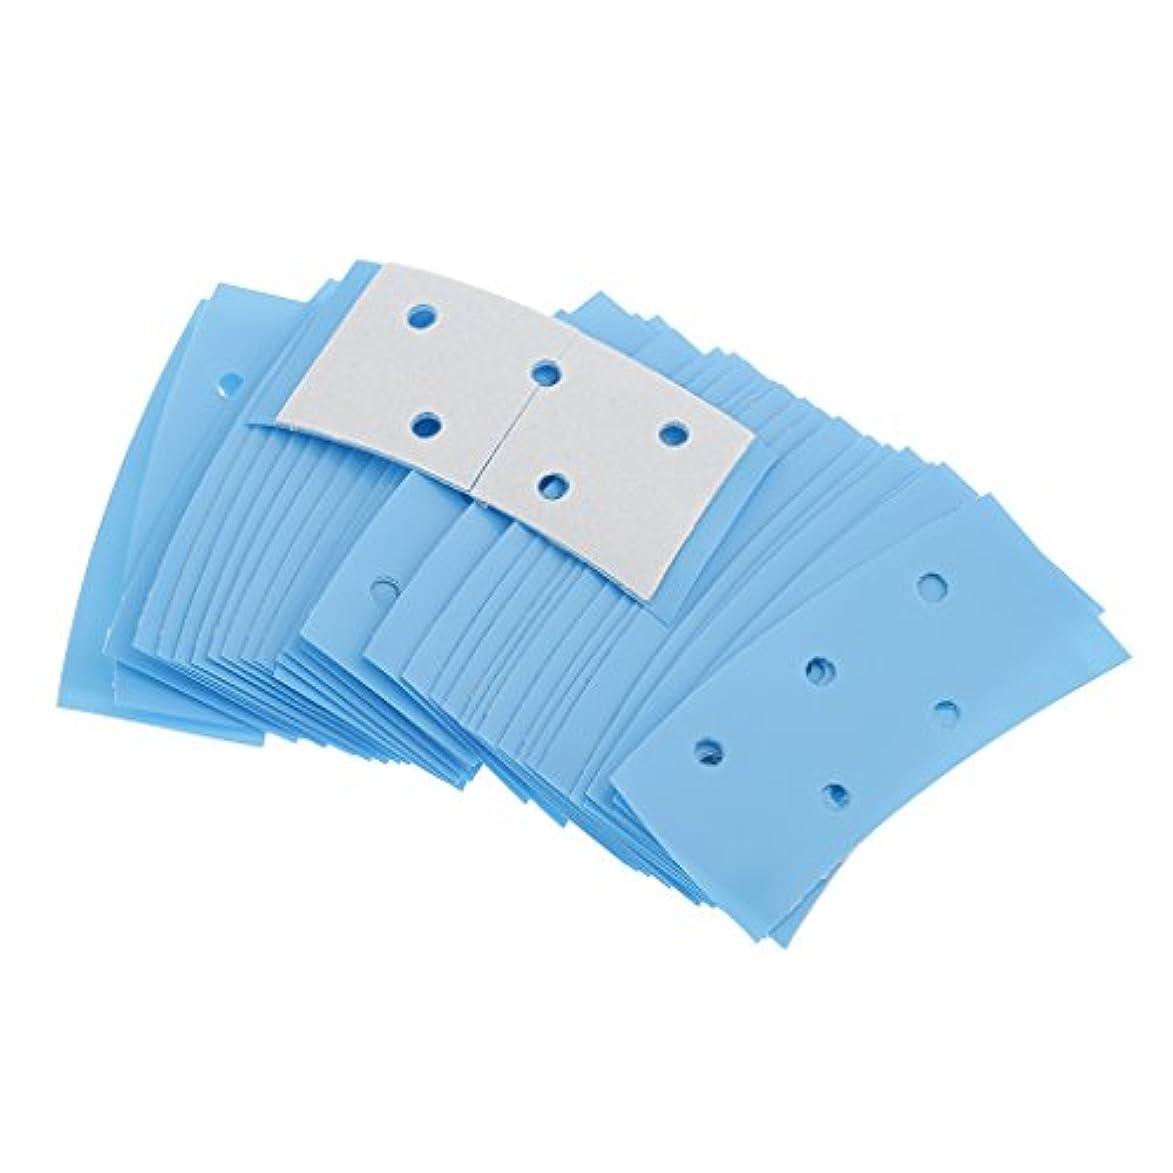 配送赤ちゃん巡礼者36ロットミニ高品質両面ヘアシステムテープ接着剤超強力なホールドブルーのバルクロット